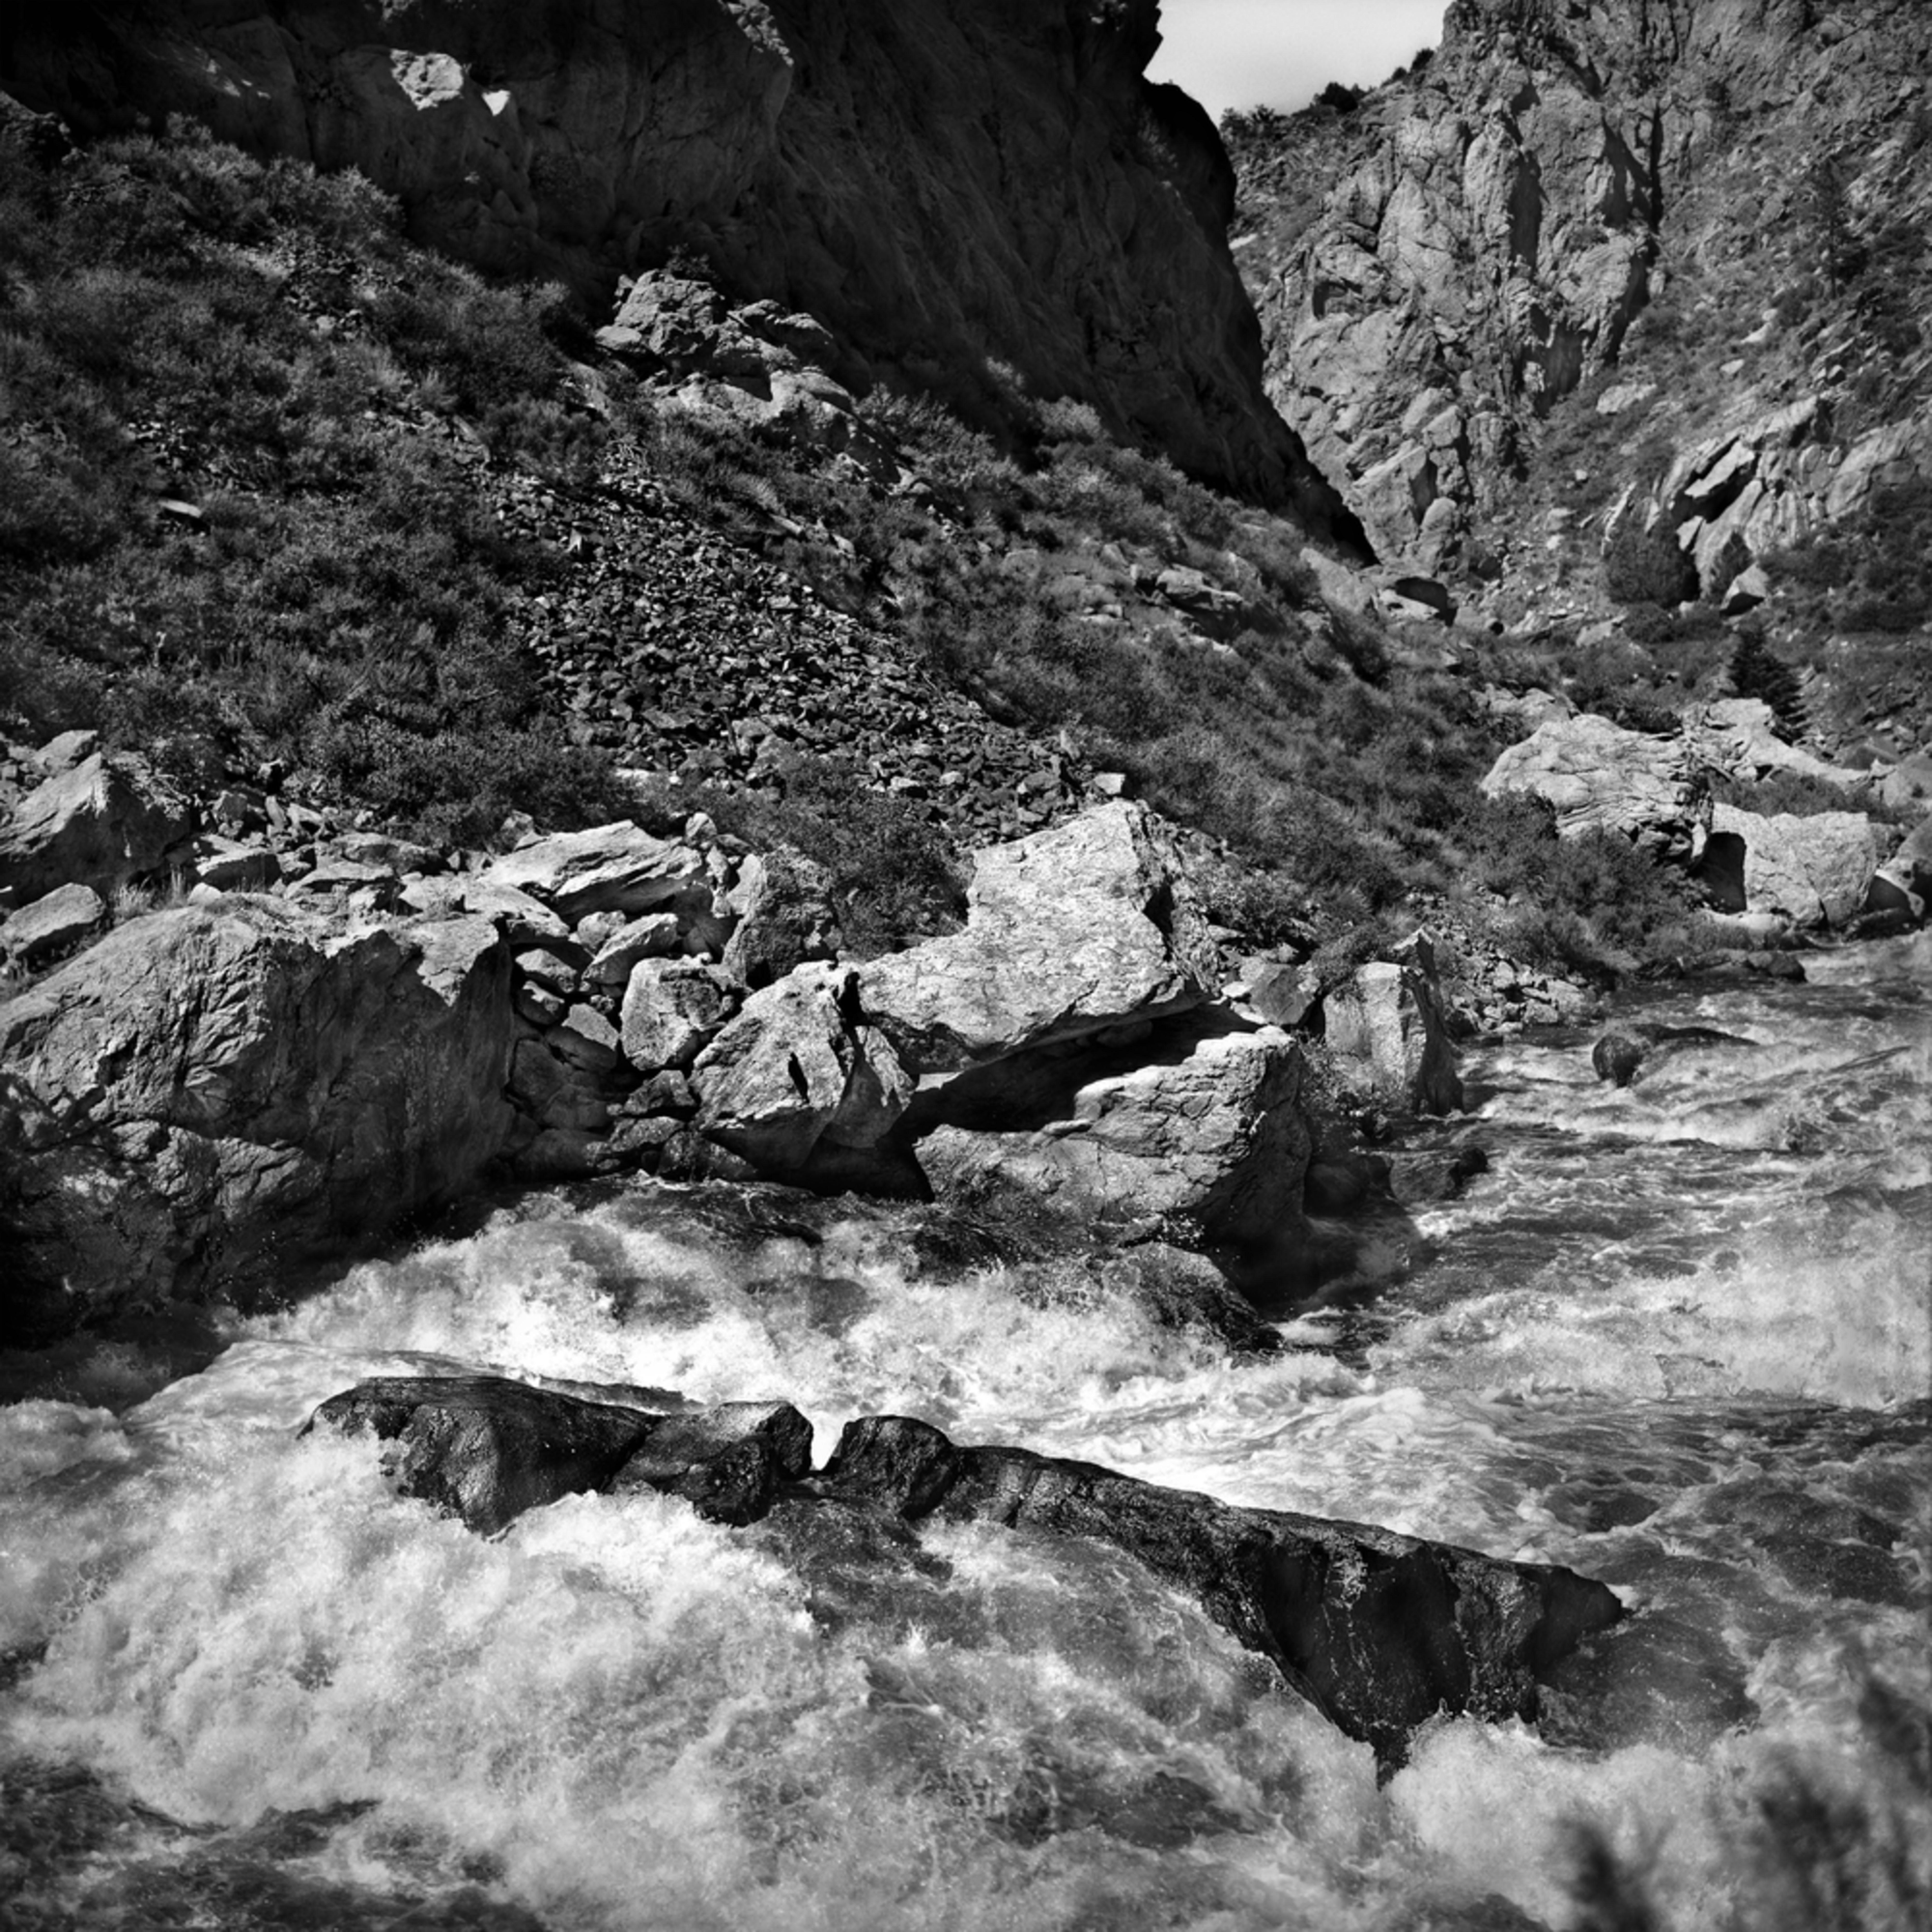 Snowmelt in poudre canyon 1 vc6vl4